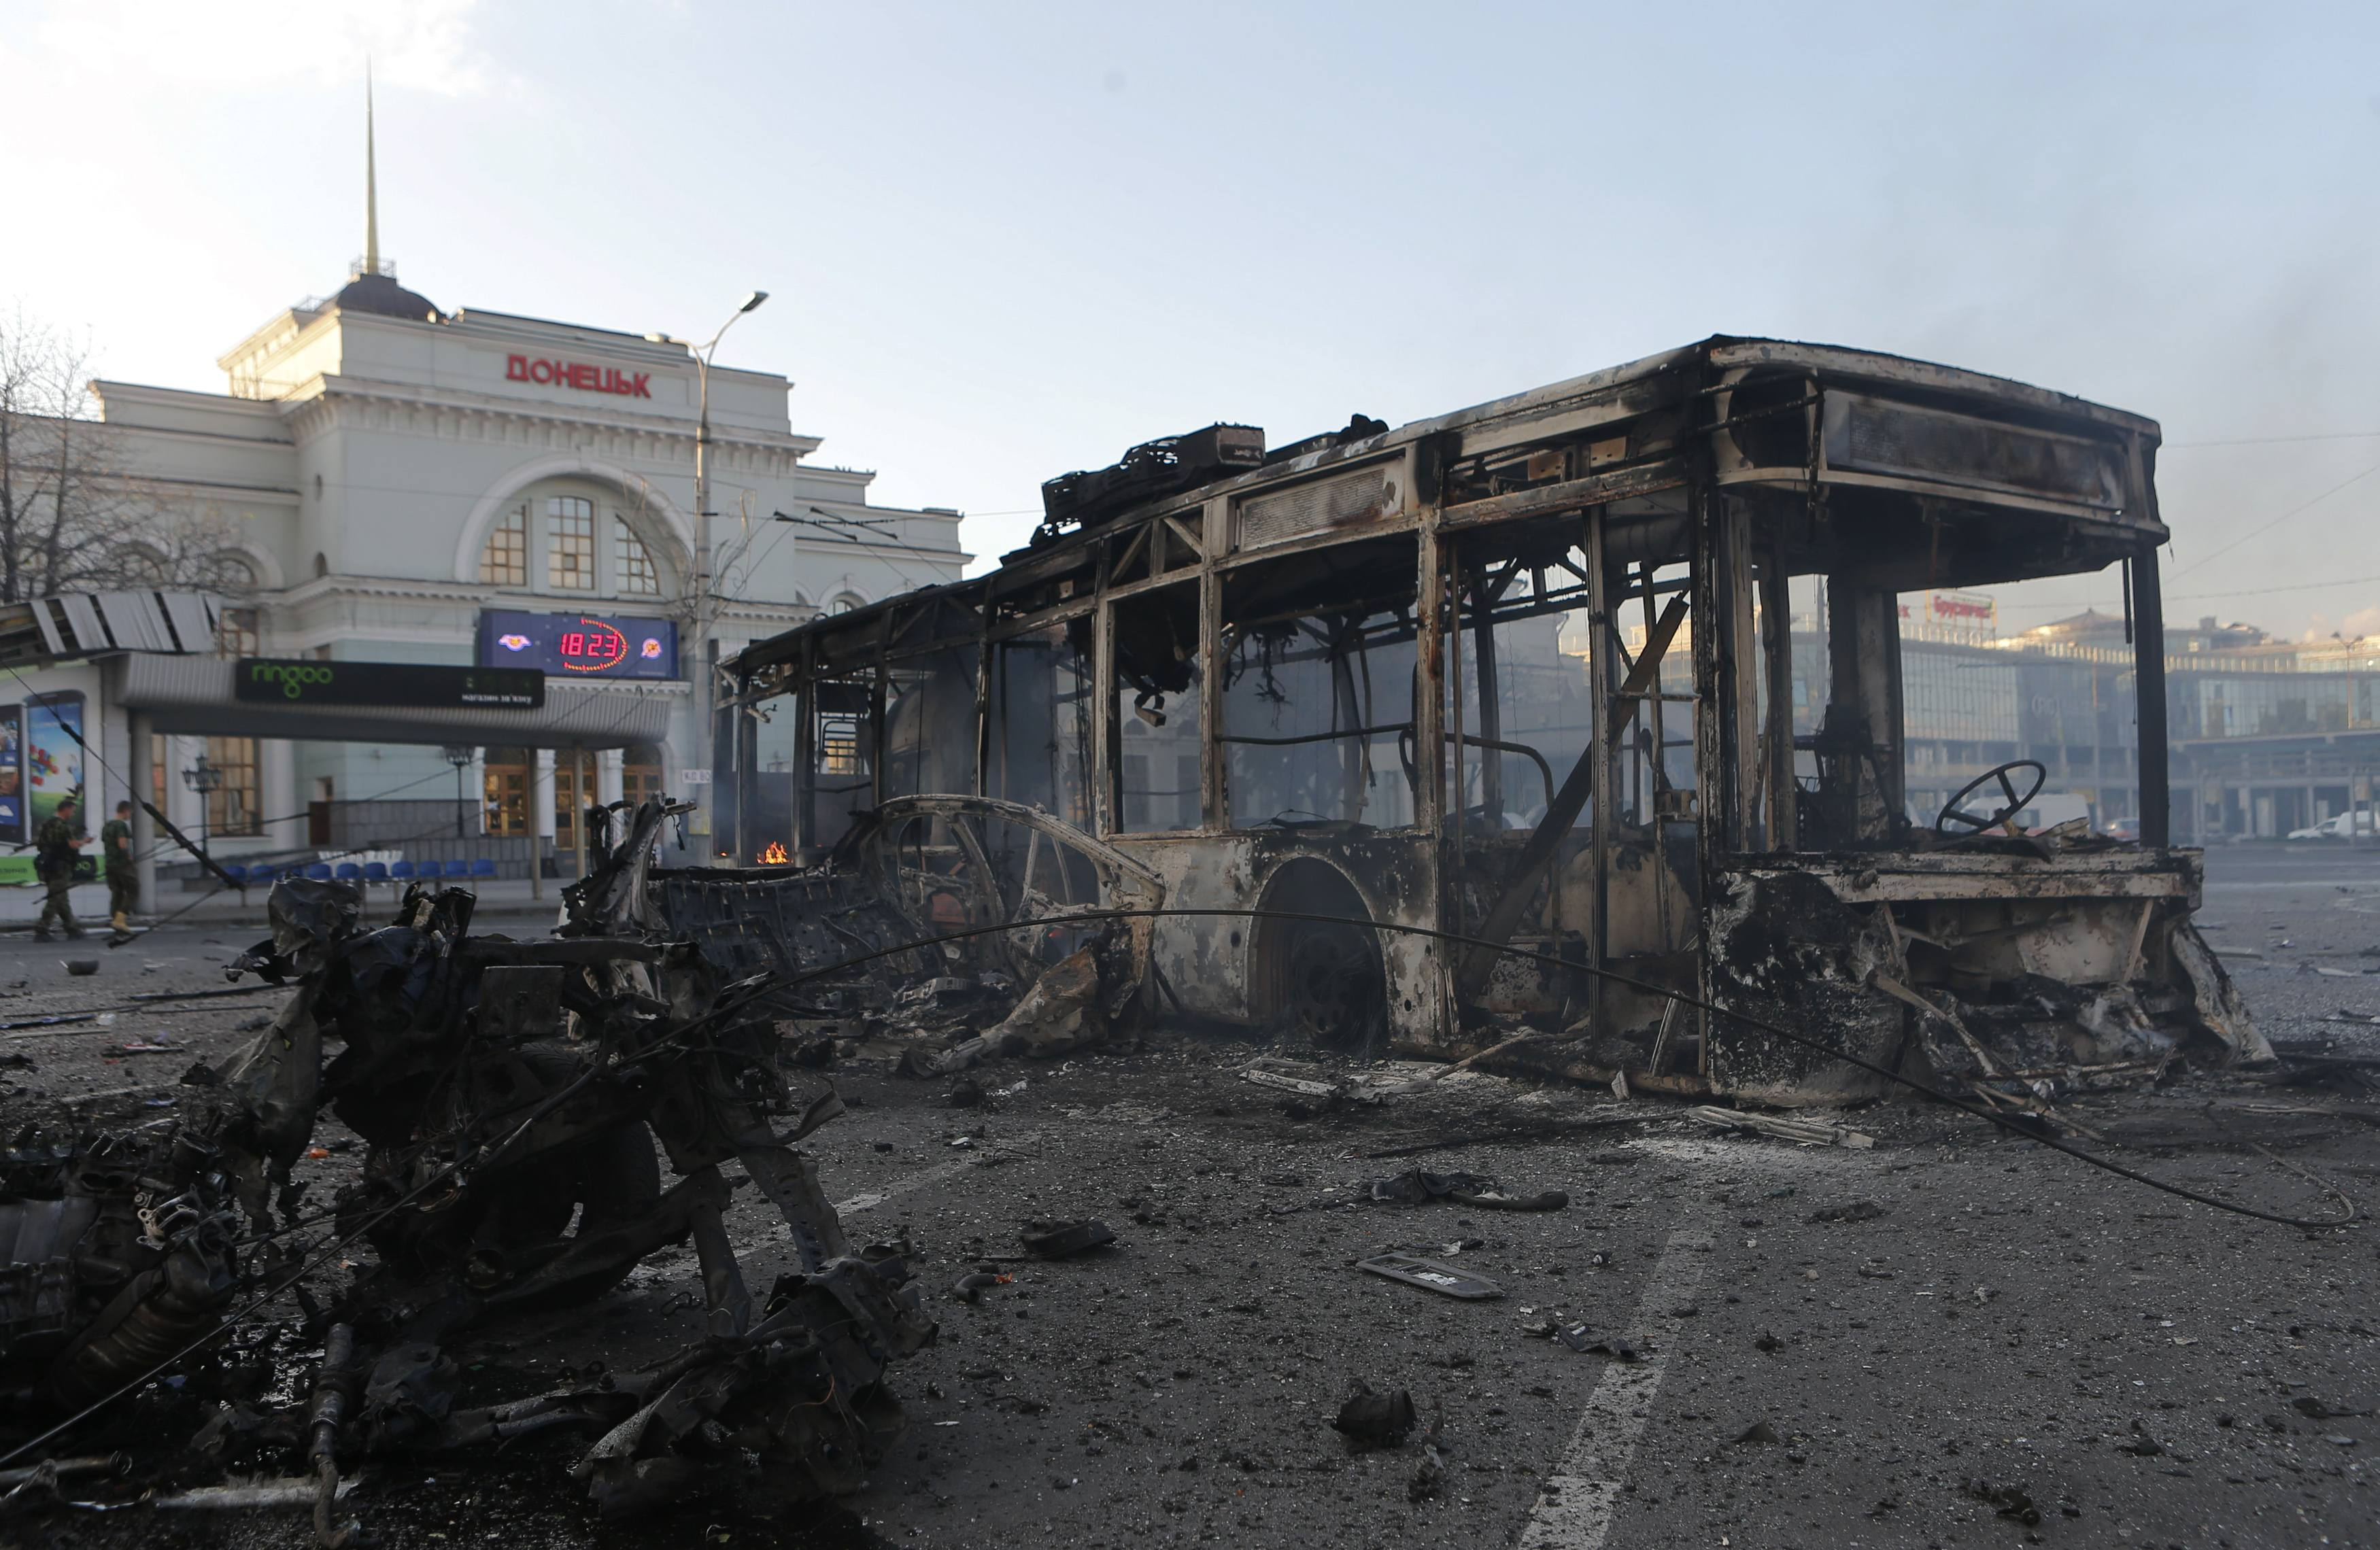 Донецк, взрывы, тяжелые орудия